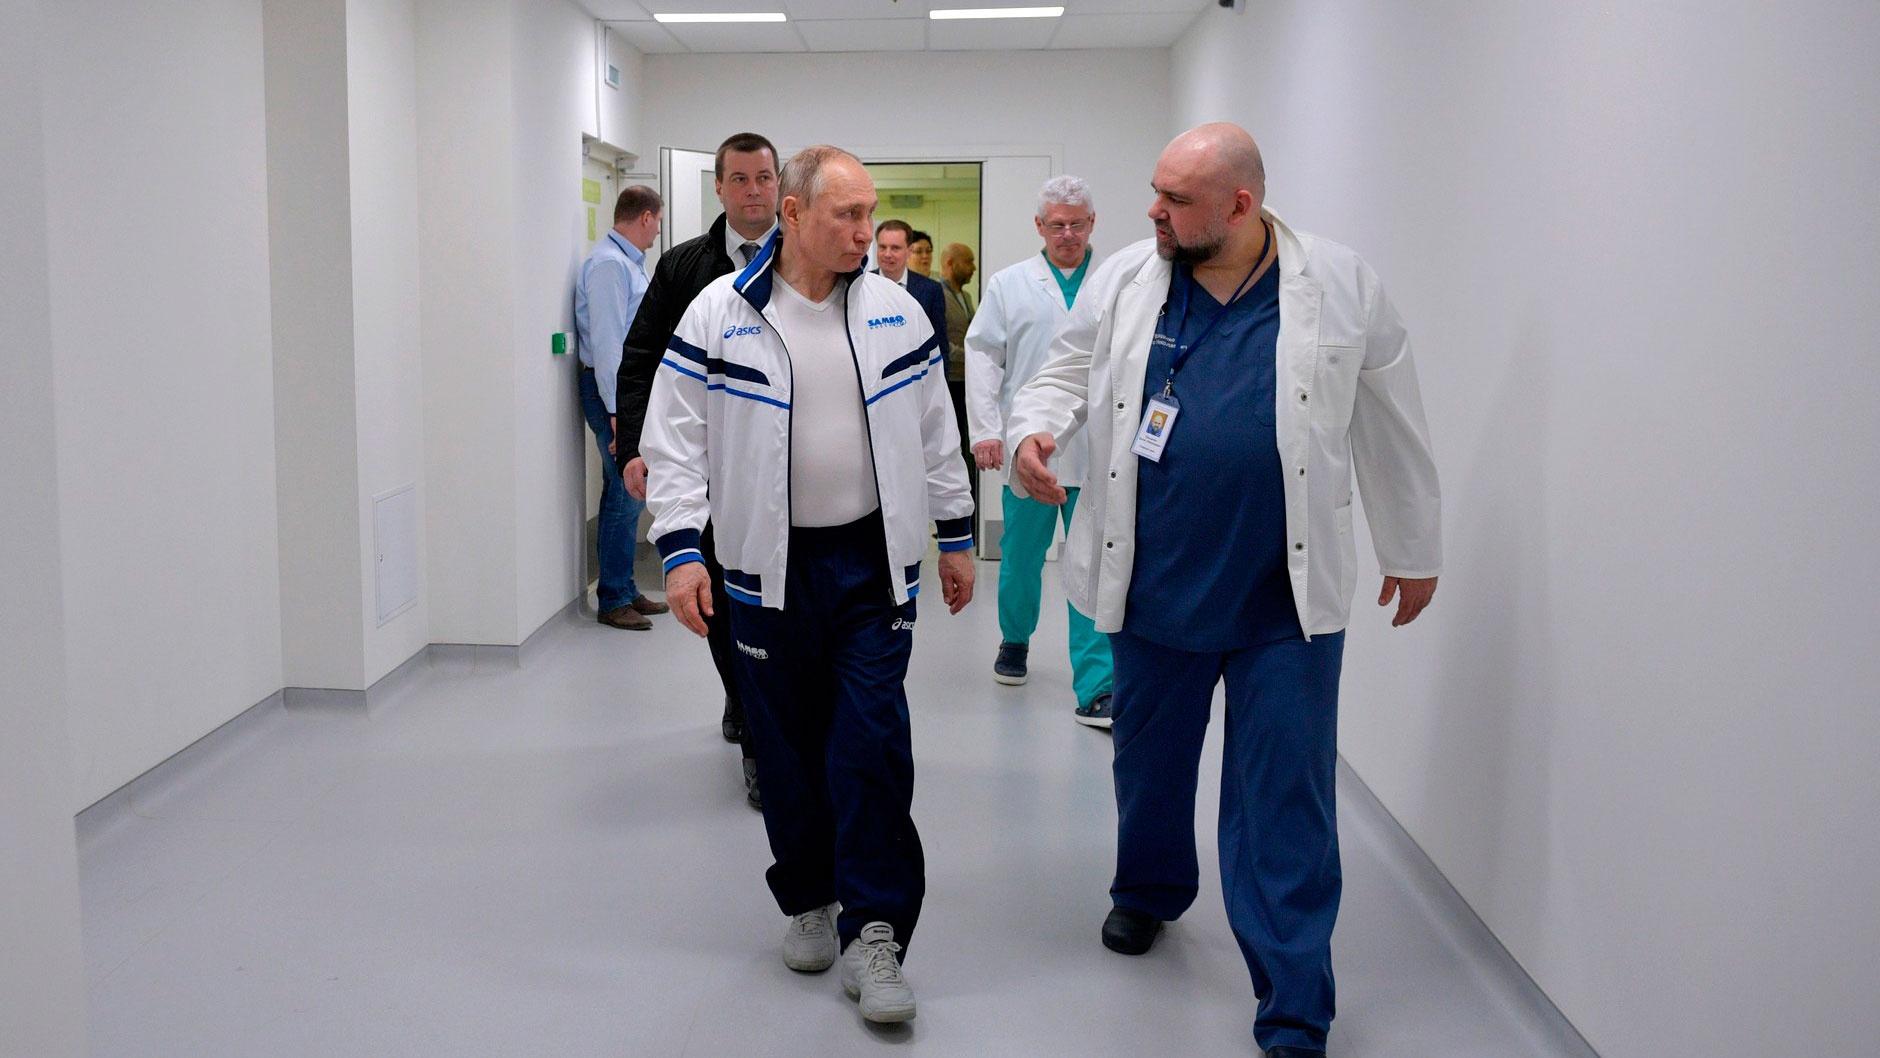 Владимир Путин: Ближайшие недели станут определяющими в борьбе с коронавирусом - фото